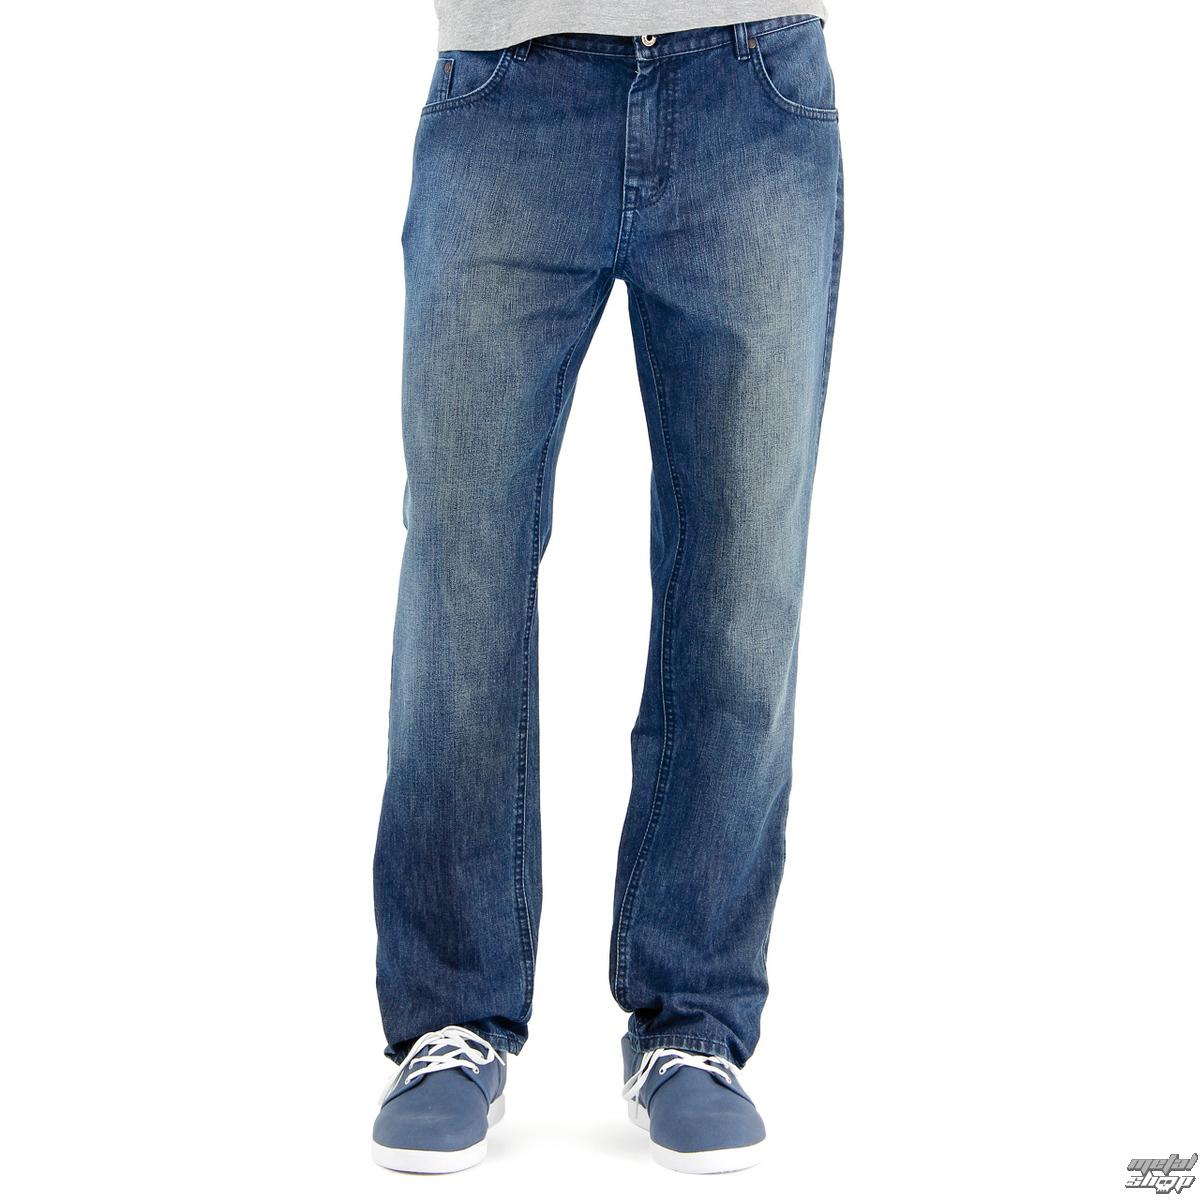 kalhoty pánské FUNSTORM - NOTH Jeans - 94 Indigo Used